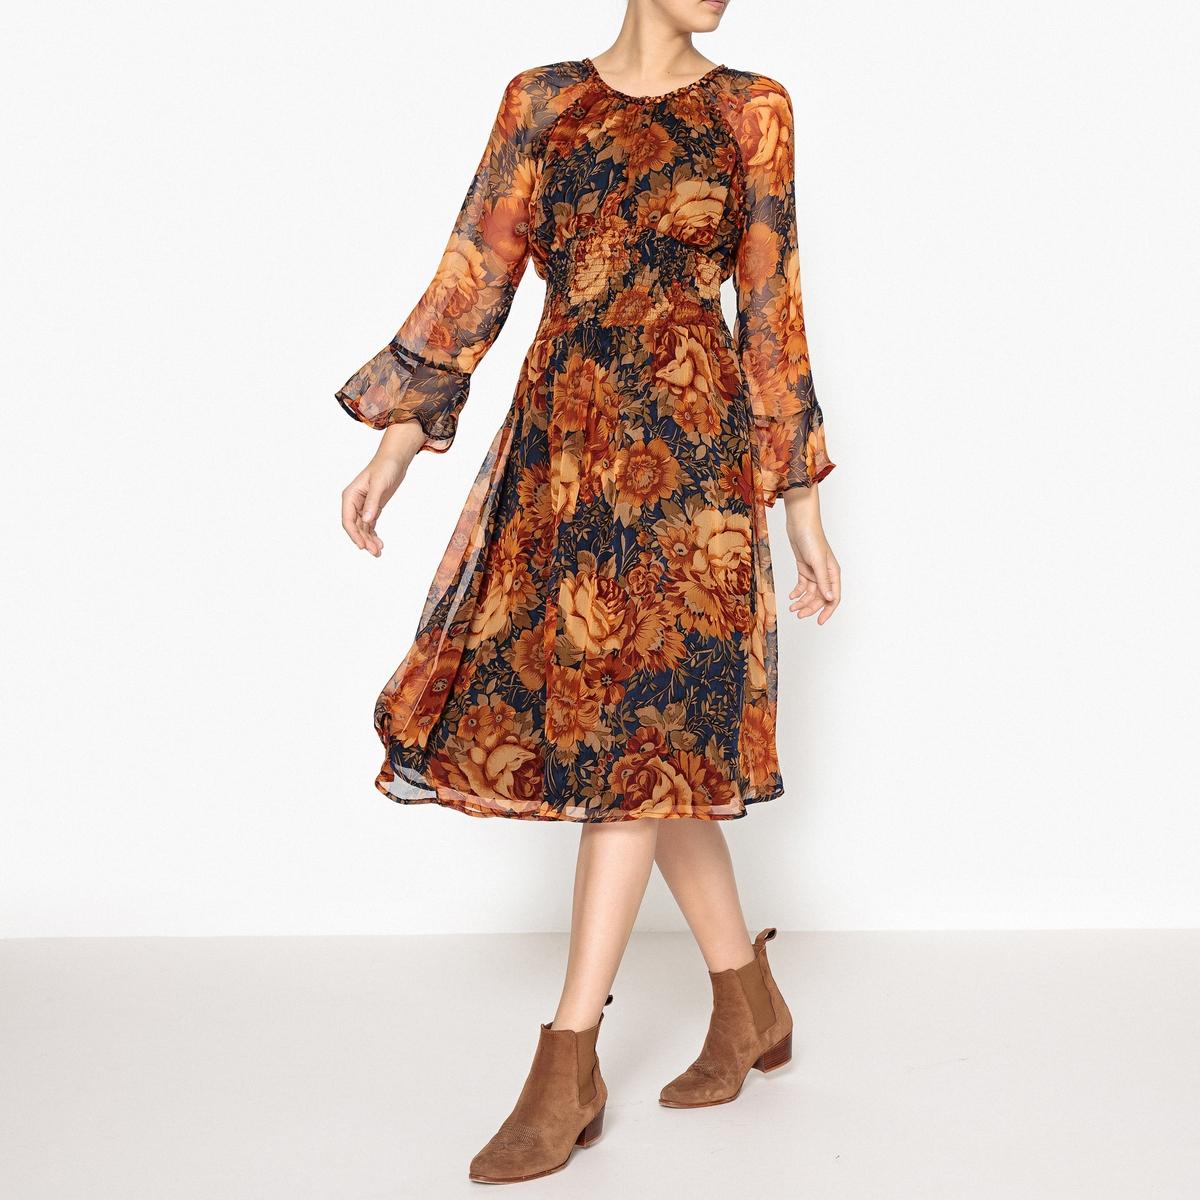 Платье с рисунком MONY LONG DRESSПлатье ANTIK BATIK - модель MONY LONG DRESS с плетенным декоративным кантиком, эластичным поясом и широкими рукавами внизу.Детали •  Форма : расклешенная •  Длина миди, 3/4 •  Длинные рукава    •  Тунисский вырез •  Рисунок-принт •  Эластичный поясСостав и уход •  100% вискоза •  Следуйте советам по уходу, указанным на этикетке •  Плетенный кантик на воротнике и на швах пройм такой же ткани •  Воротник на крючке •  Длина : ок. 114 см. для размера 36<br><br>Цвет: оранжевый